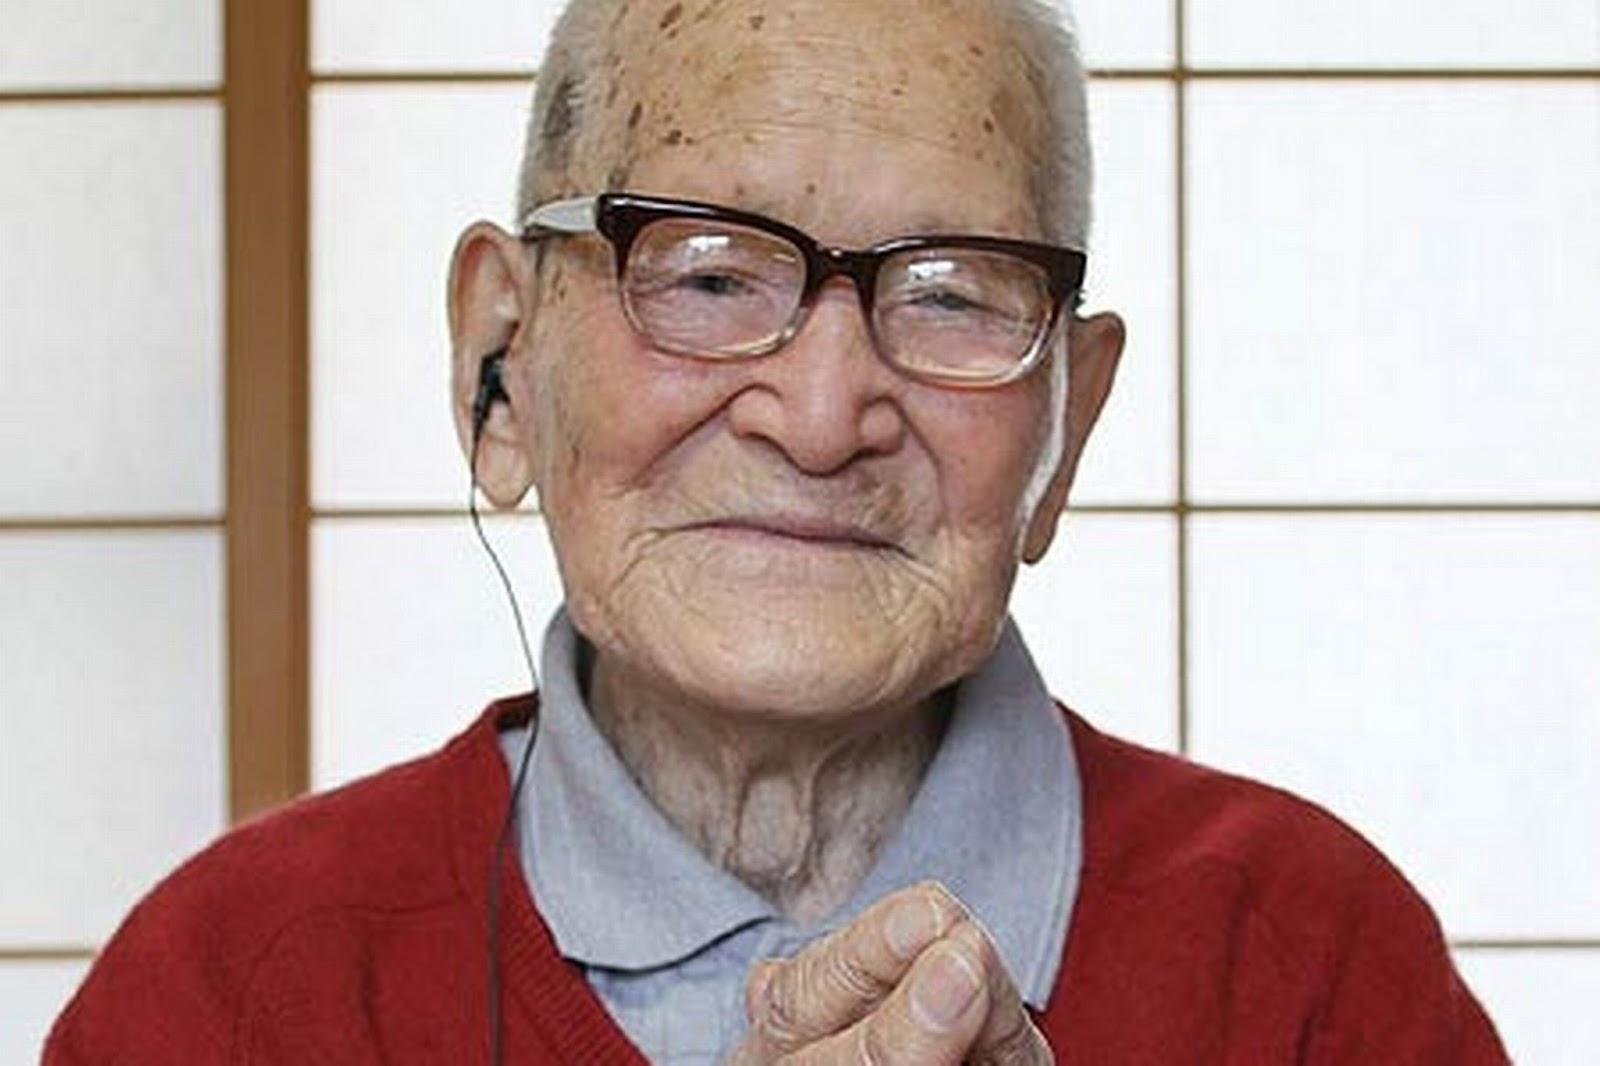 Homme le plus vieux du monde